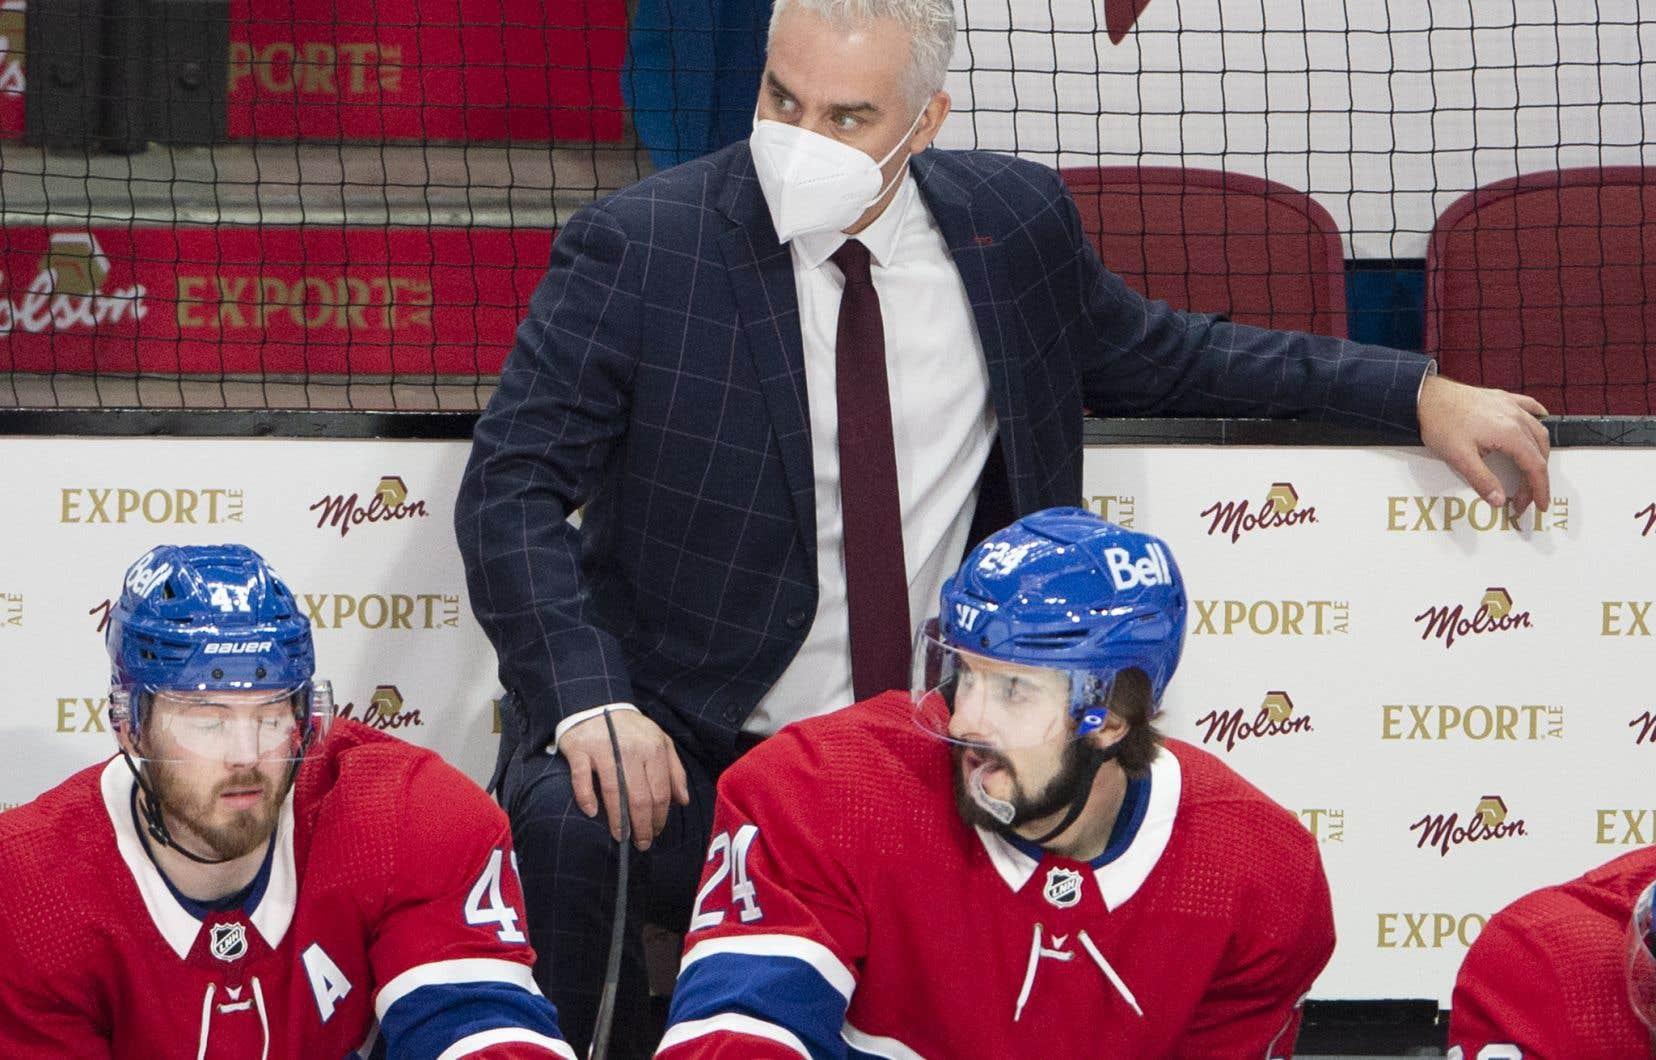 L'entraîneur-chef par intérim du Canadien de Montréal, Dominique Ducharme, s'est dit frustré de se retrouver à l'écart en raison d'un contrôle positif à la COVID-19.